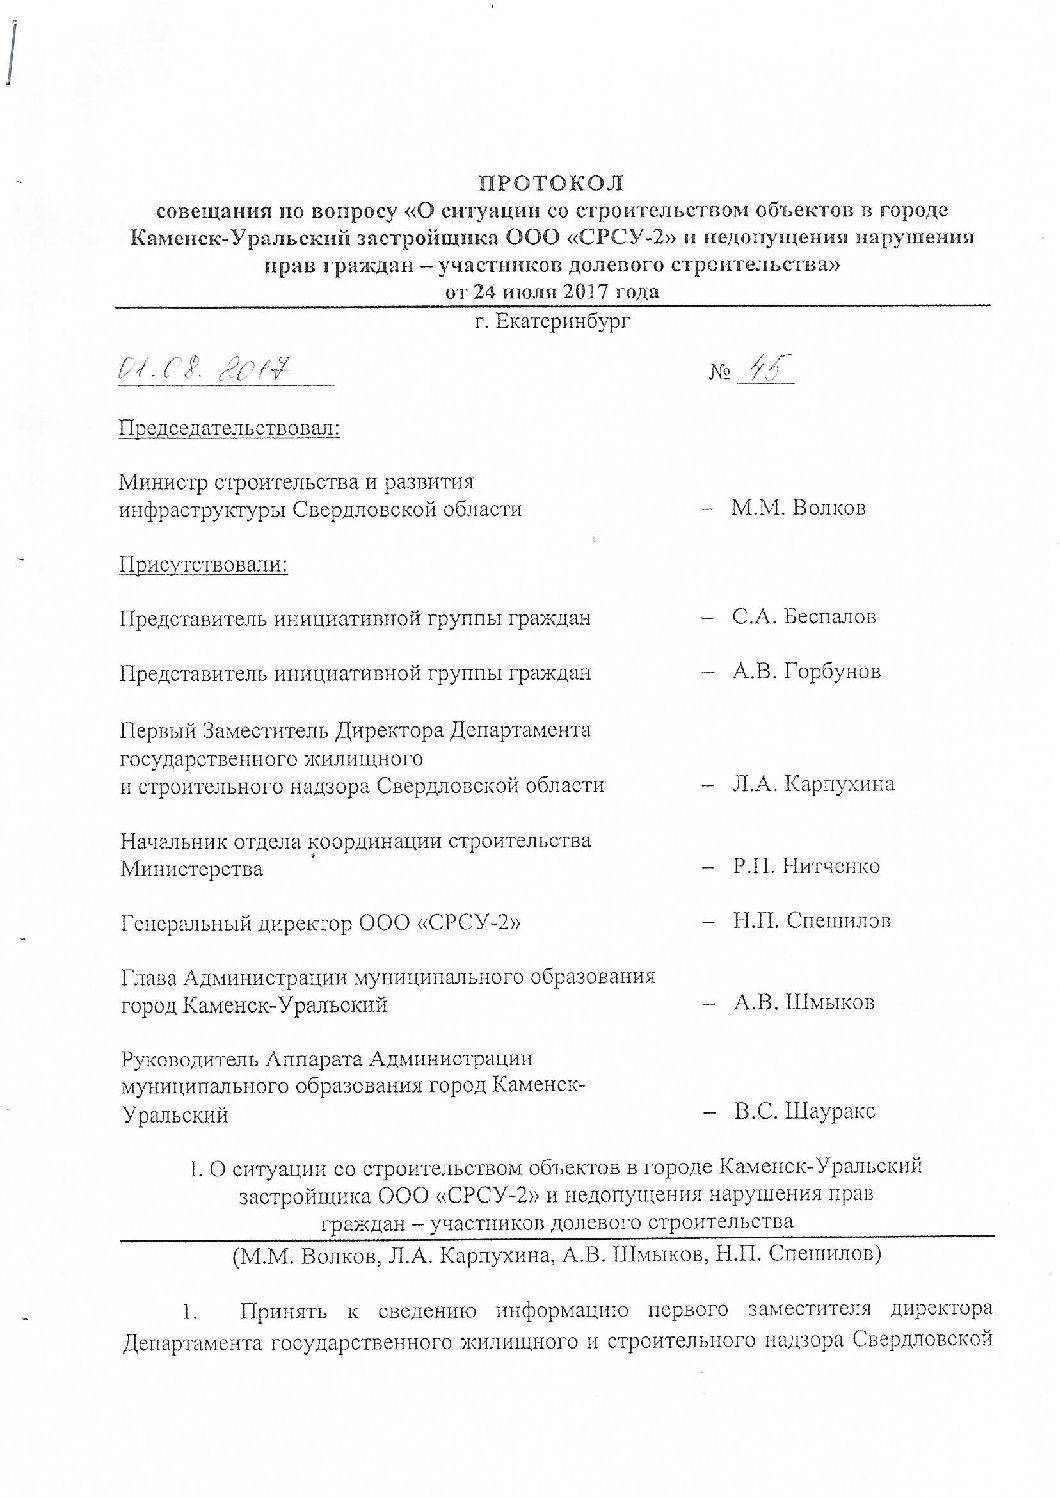 Совещание у министра строительства Свердловской области № 1